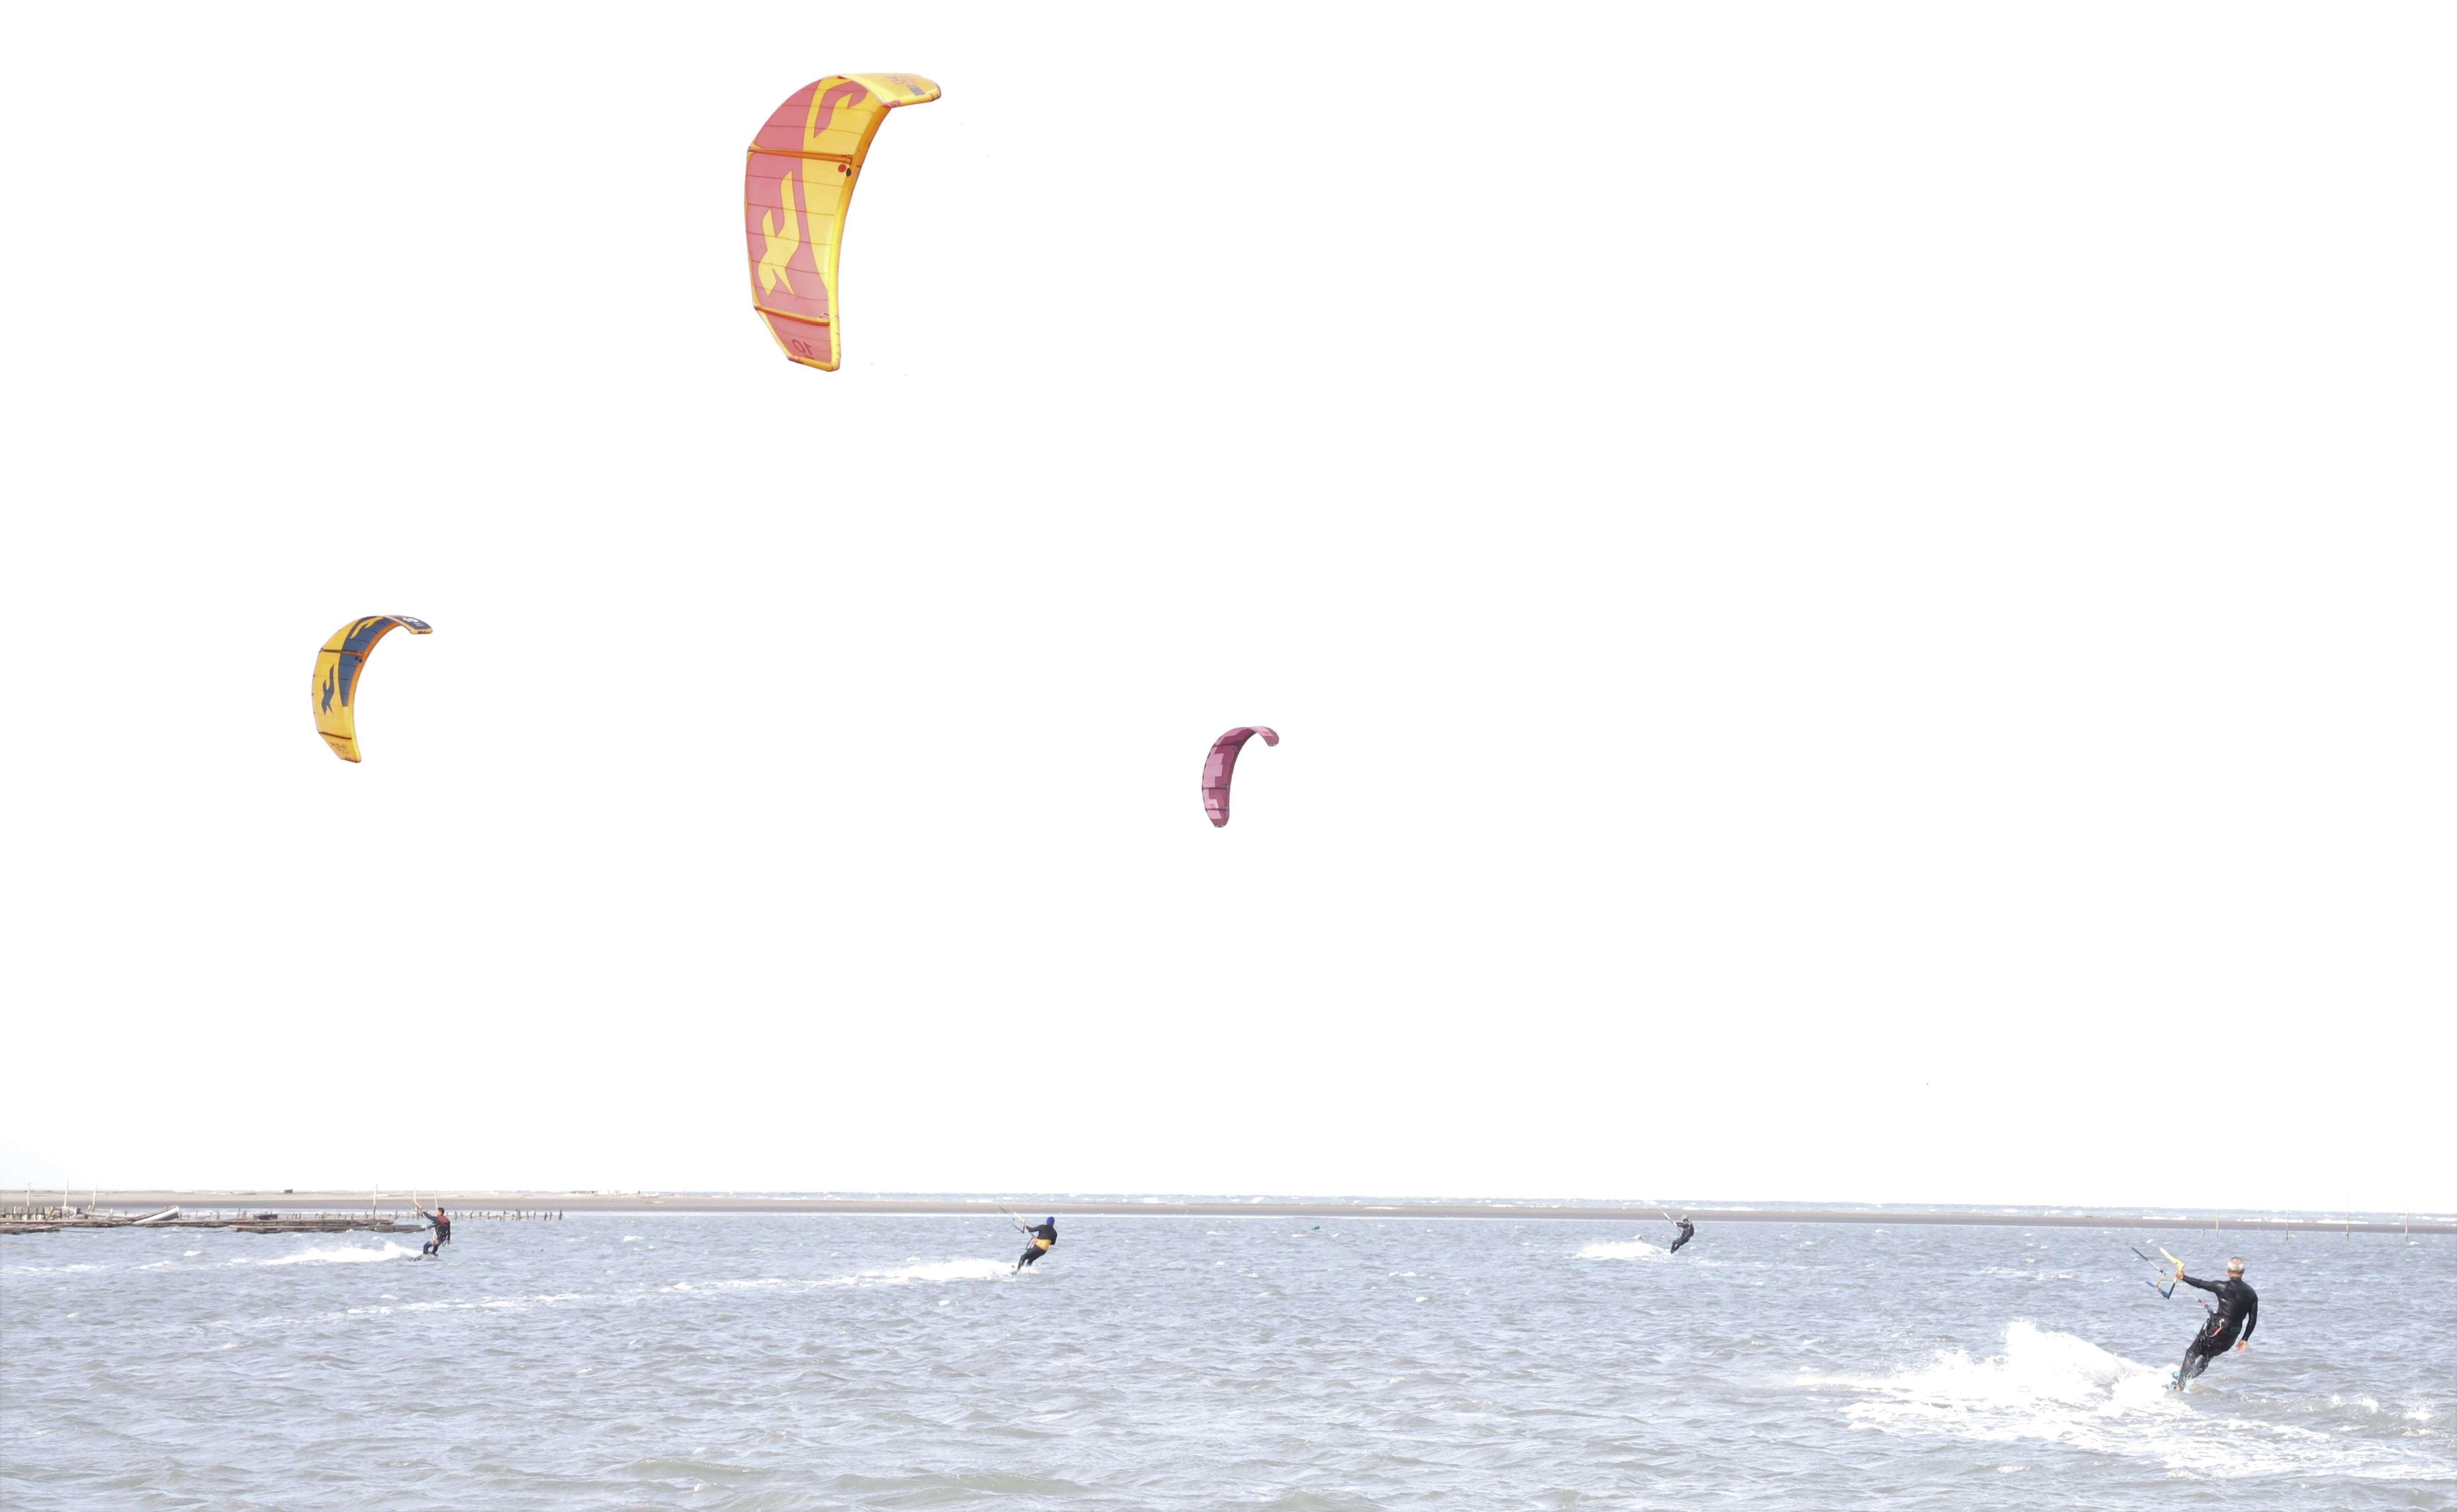 三條崙屬於淺灘,風力穩定、浪不大,非常適合風箏衝浪。